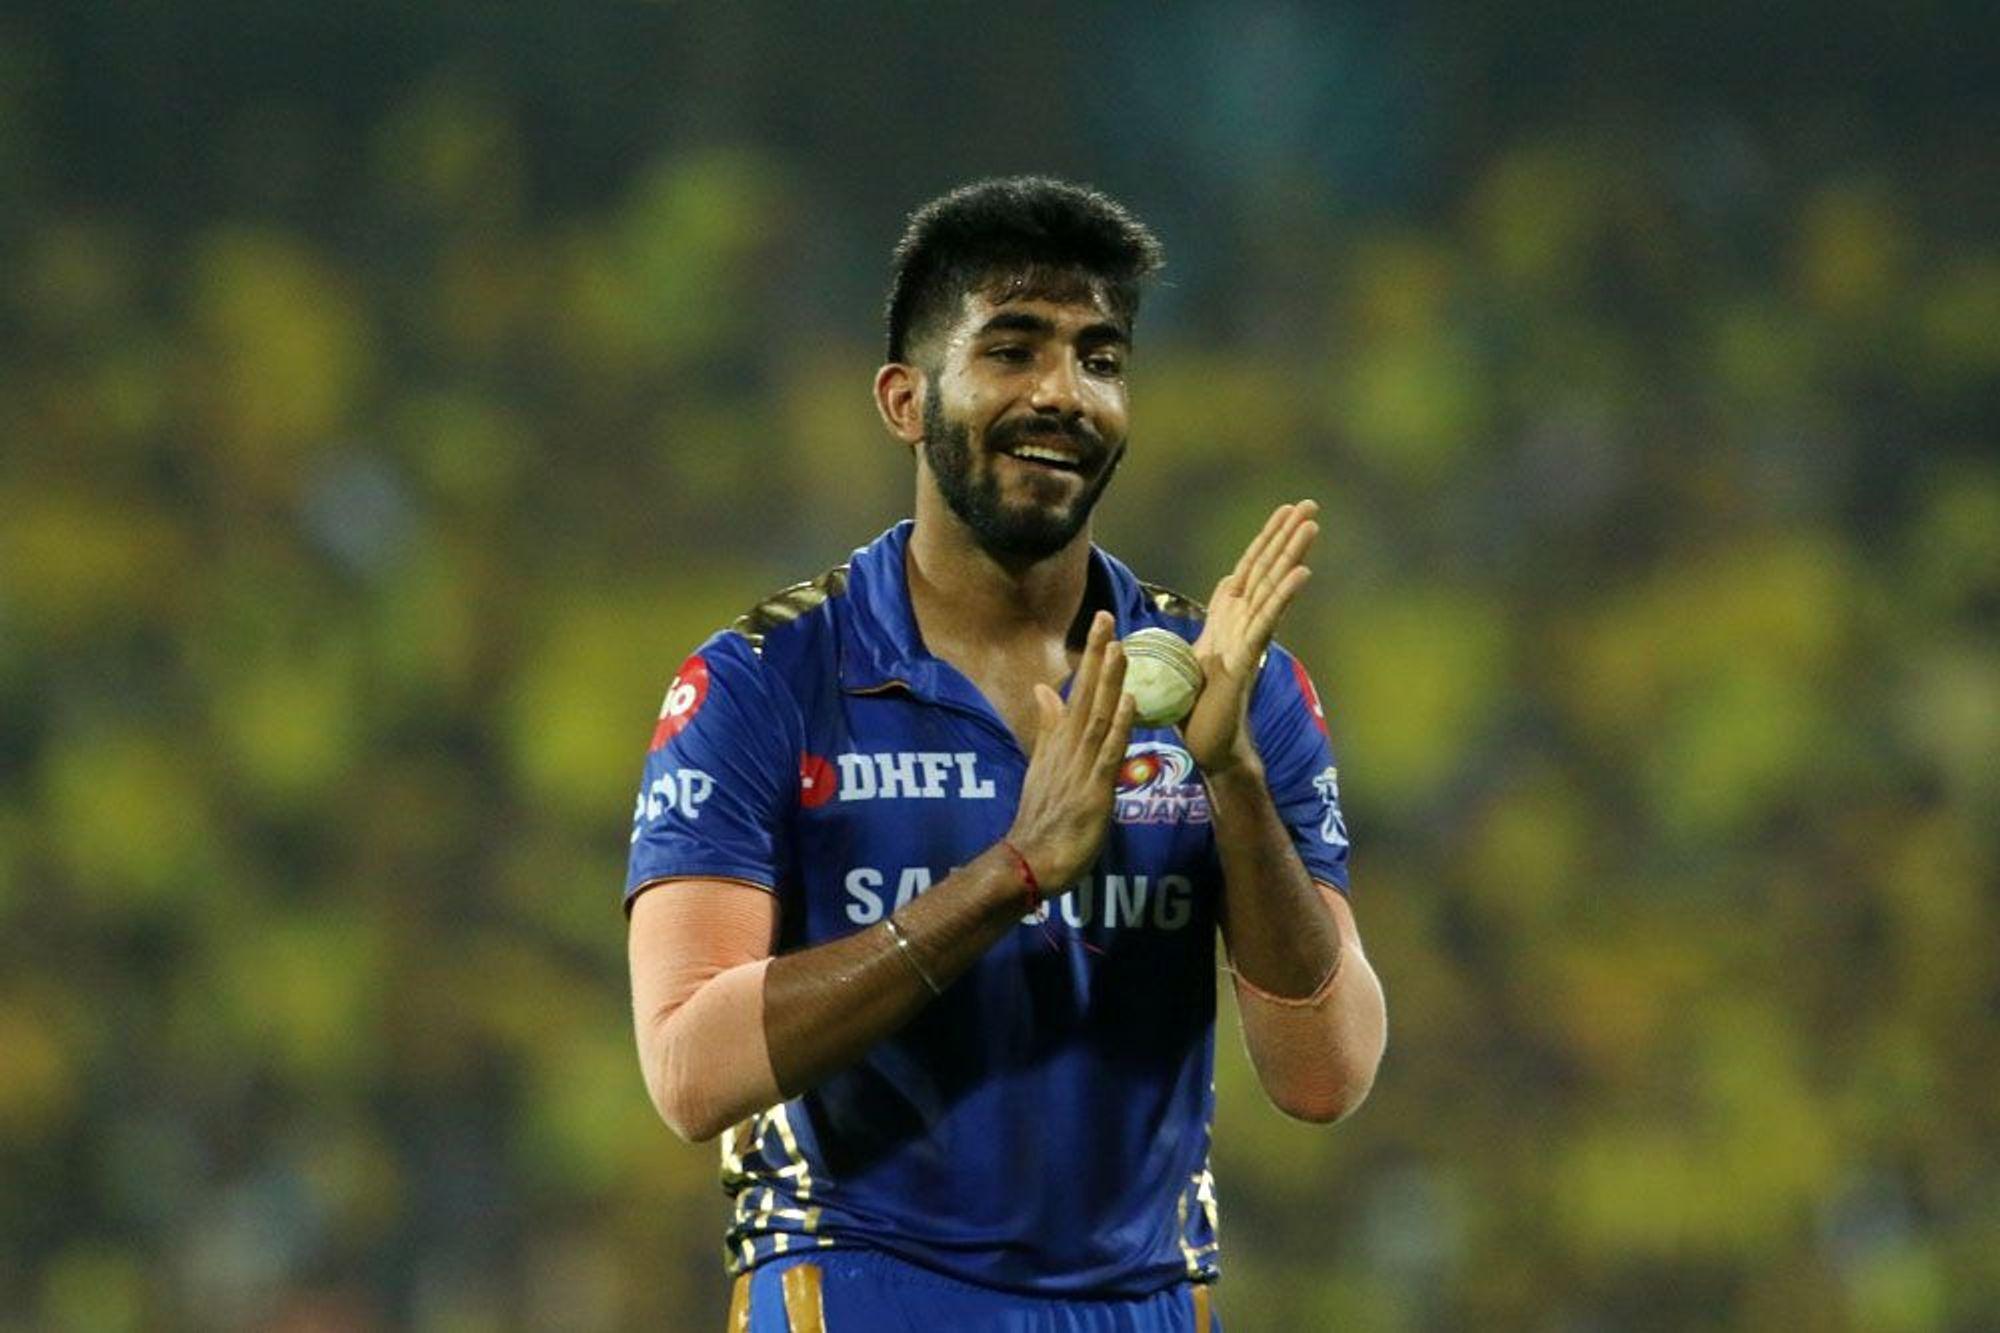 आईपीएल 2019: अंतिम ओवर में एमएस धोनी को नो बॉल डालना जसप्रीत बुमराह को पड़ा महंगा, सोशल मीडिया पर खूब उड़ा मजाक 1